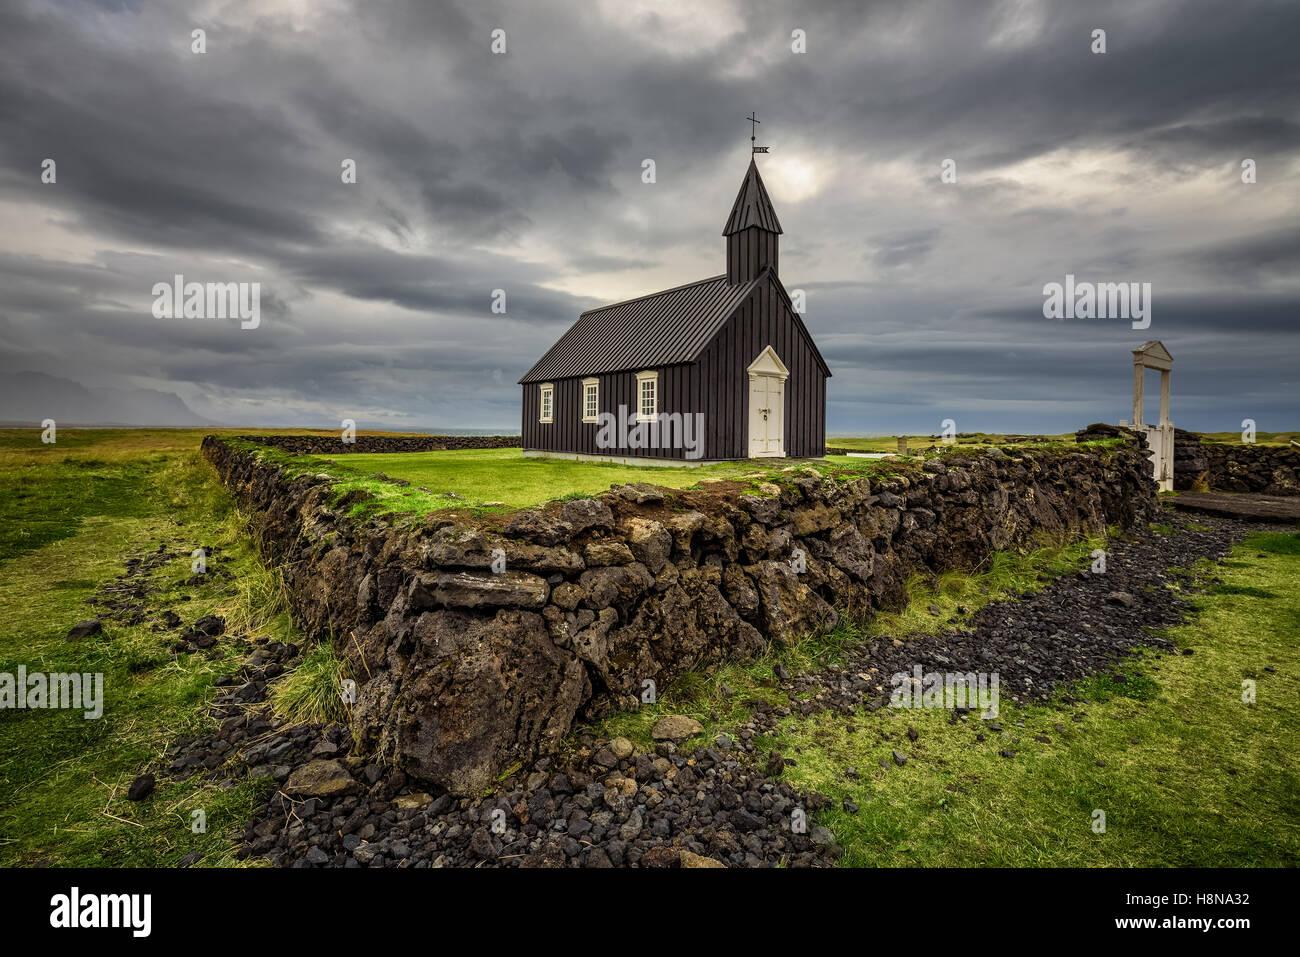 Église en bois noir de Budir en Islande. Traitement HDR. Photo Stock